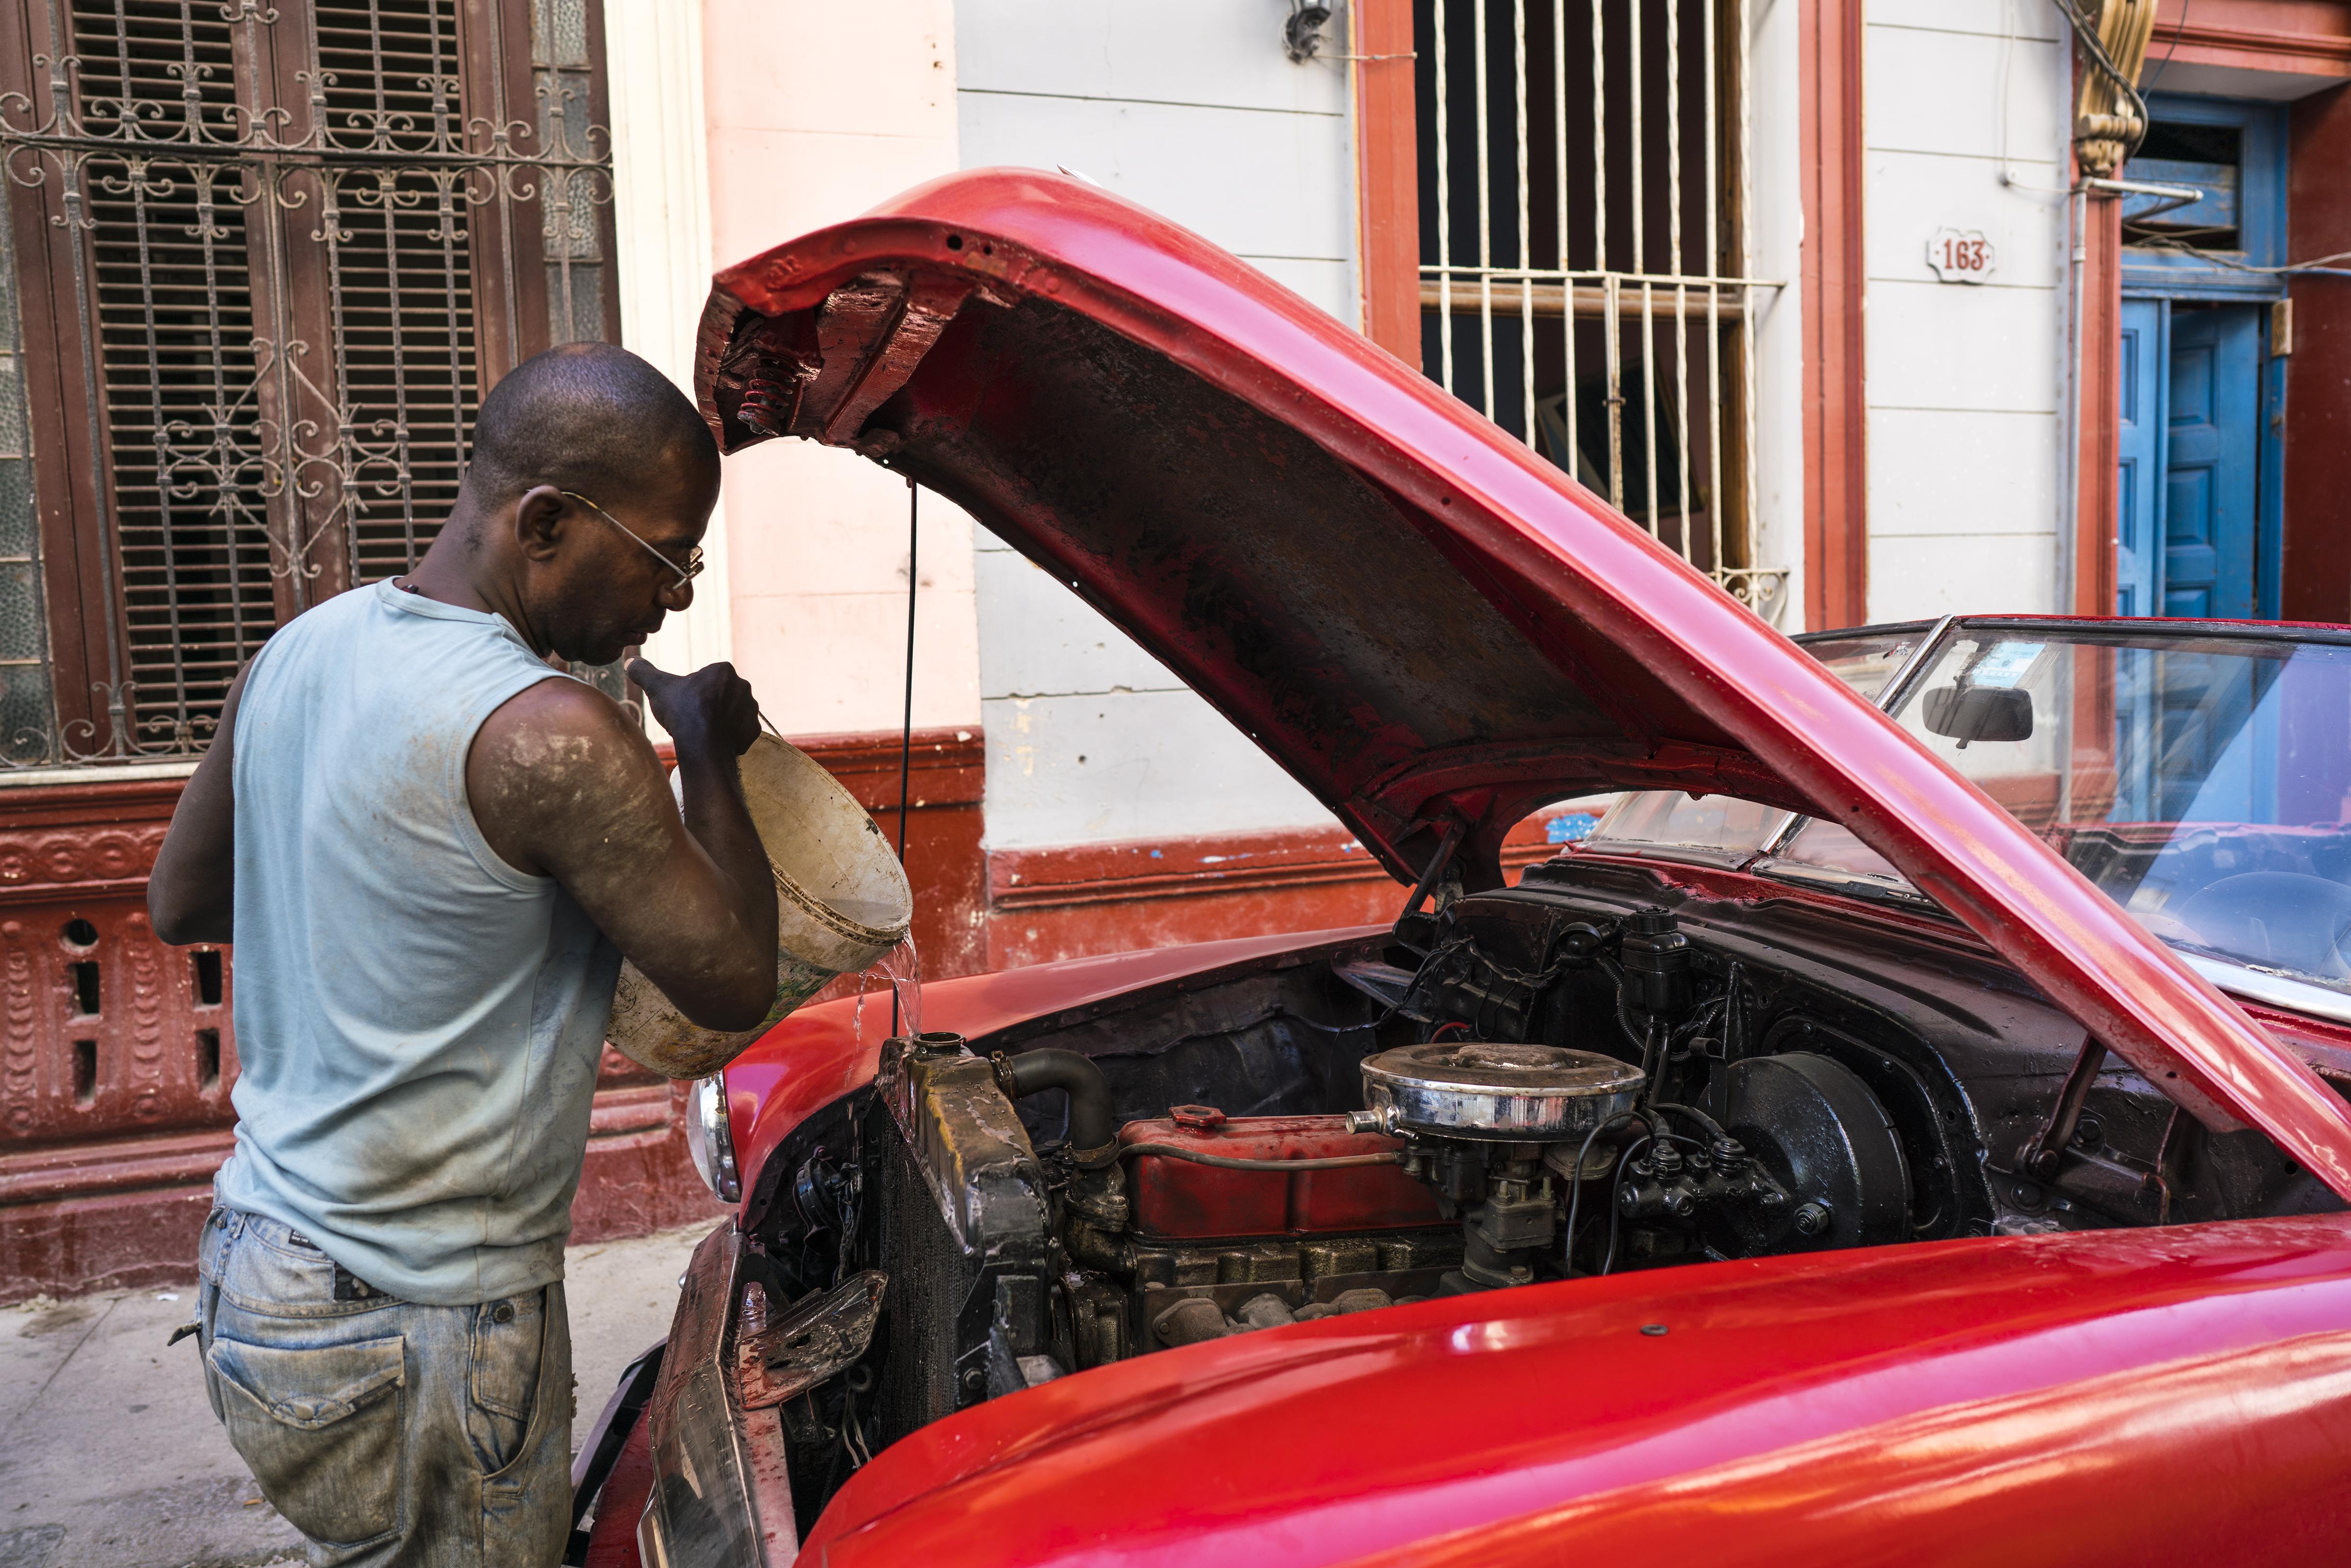 Man puttiing water in car radiator